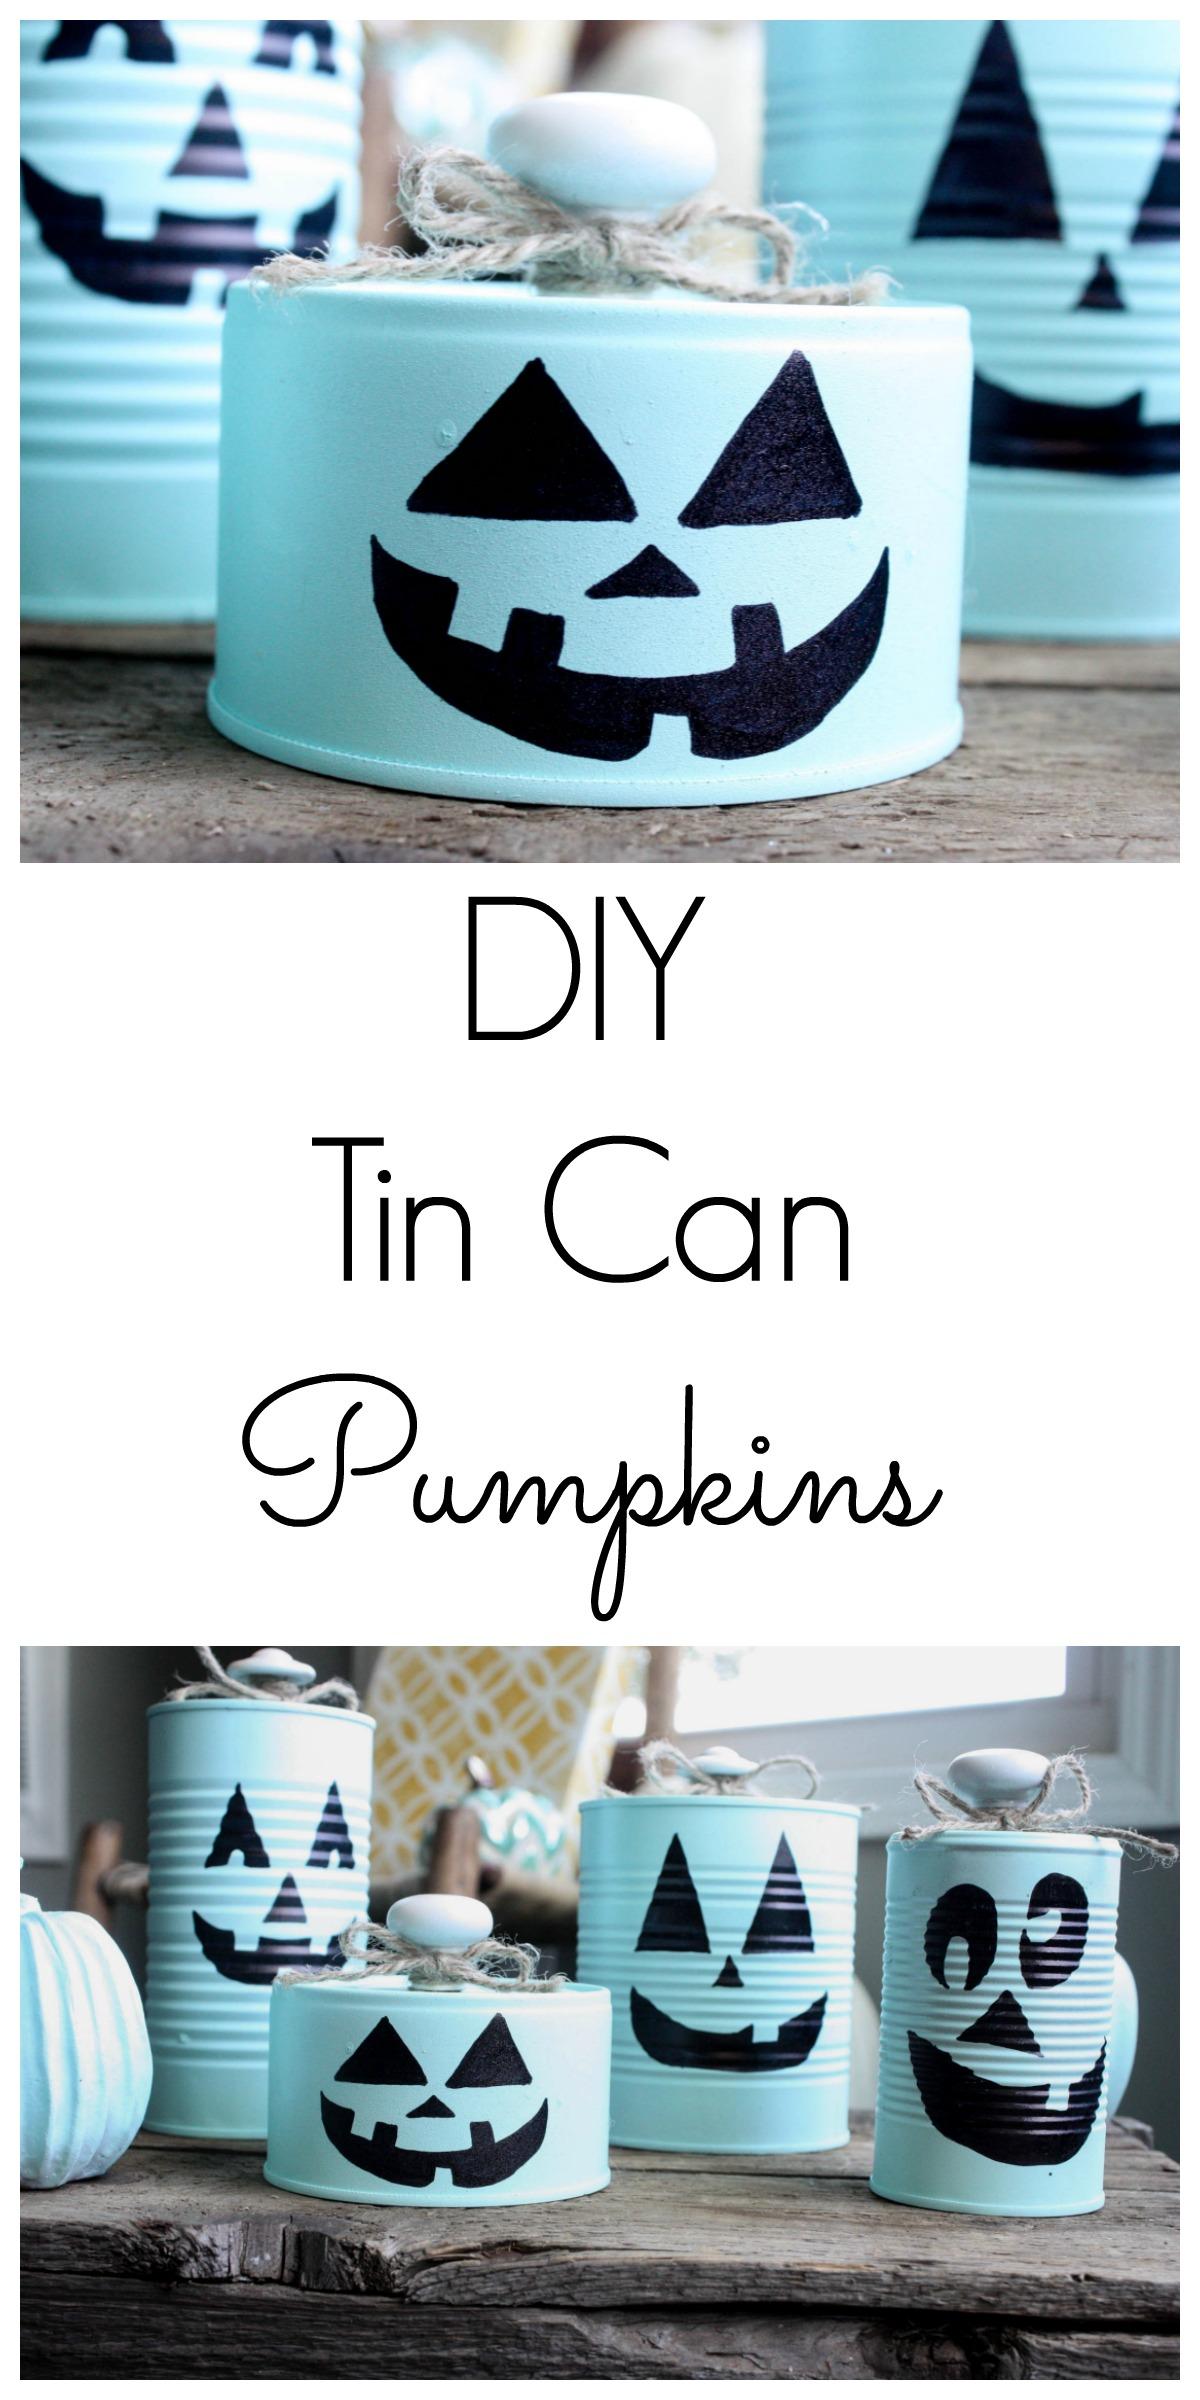 diy tin can pumpkins - re-fabbed